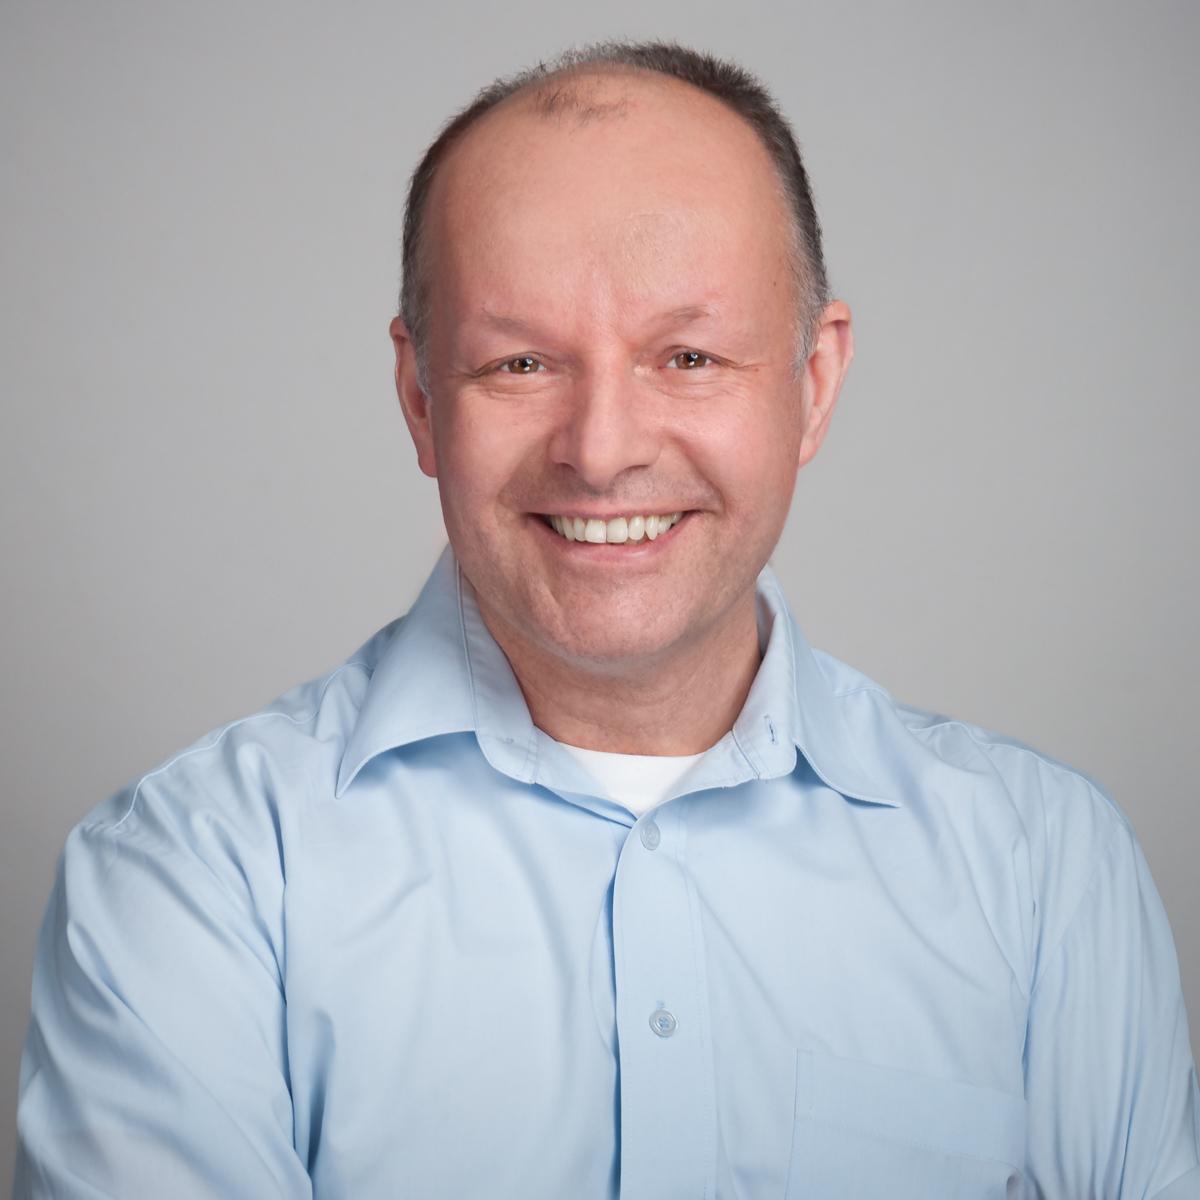 Piotr Celiński